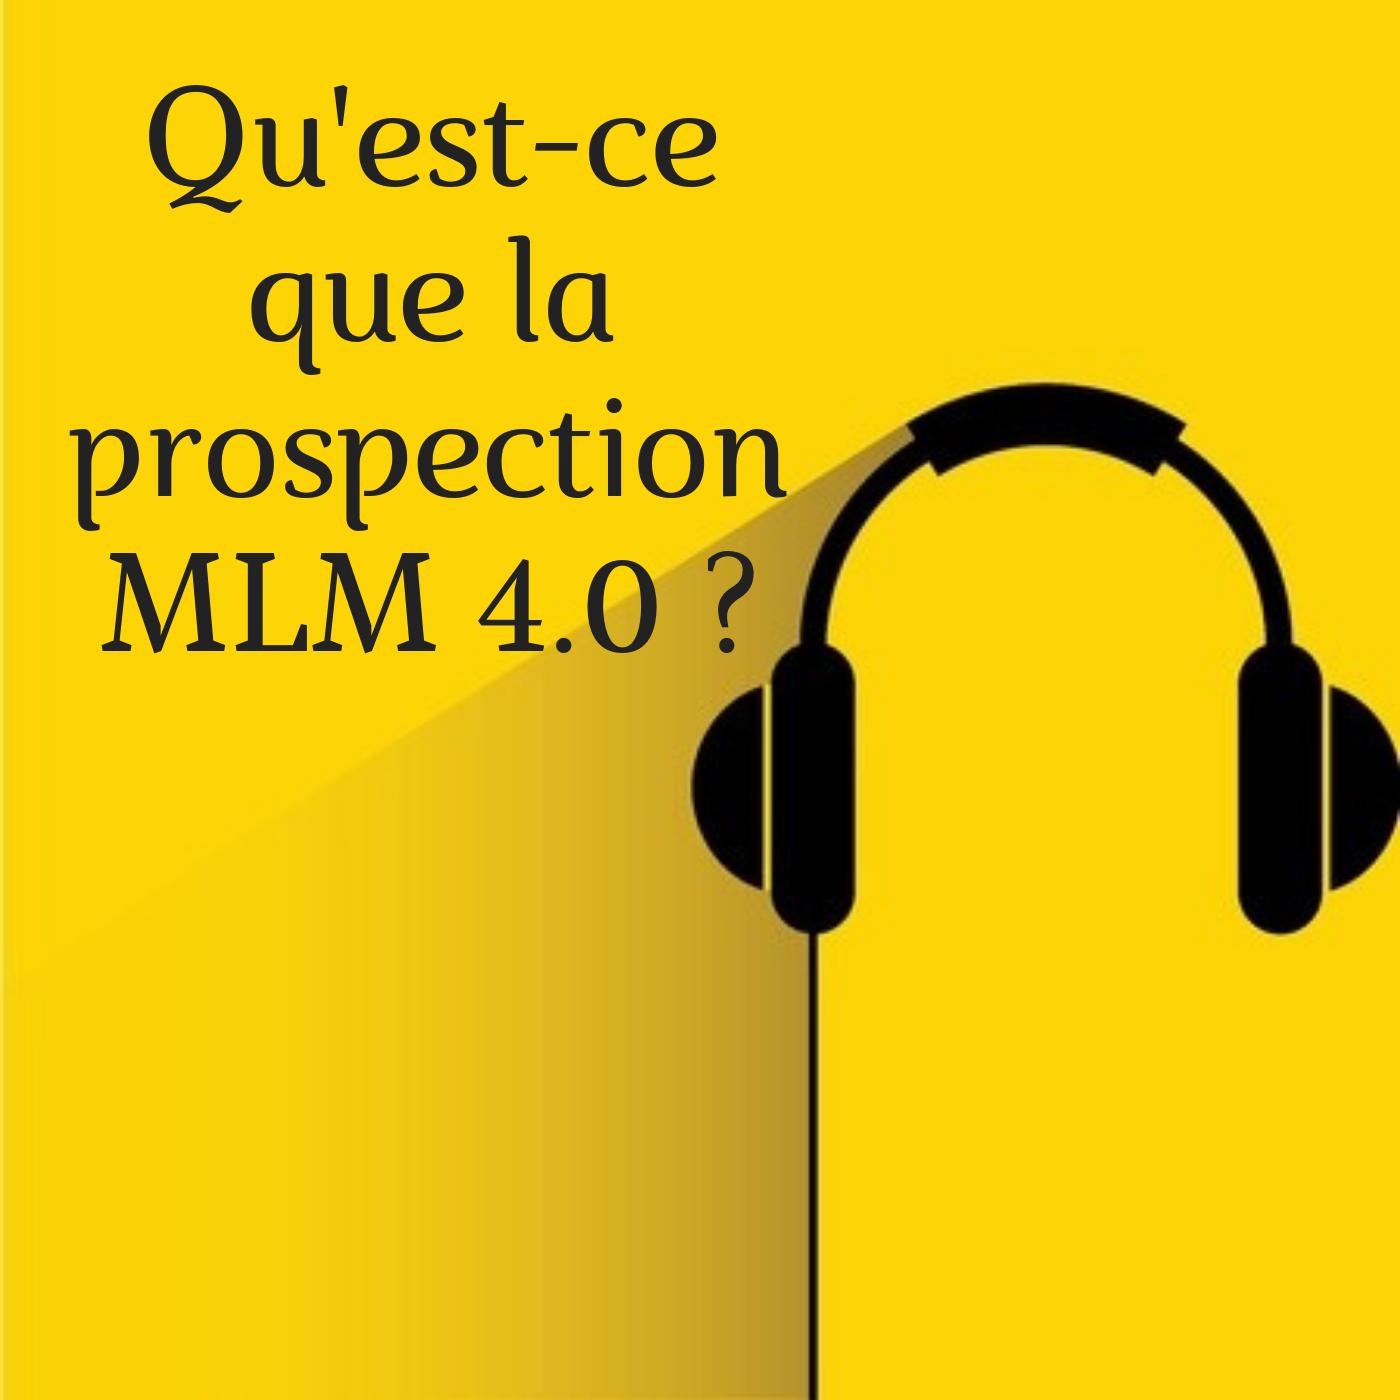 La prospection MLM 4.0 : l'avenir.